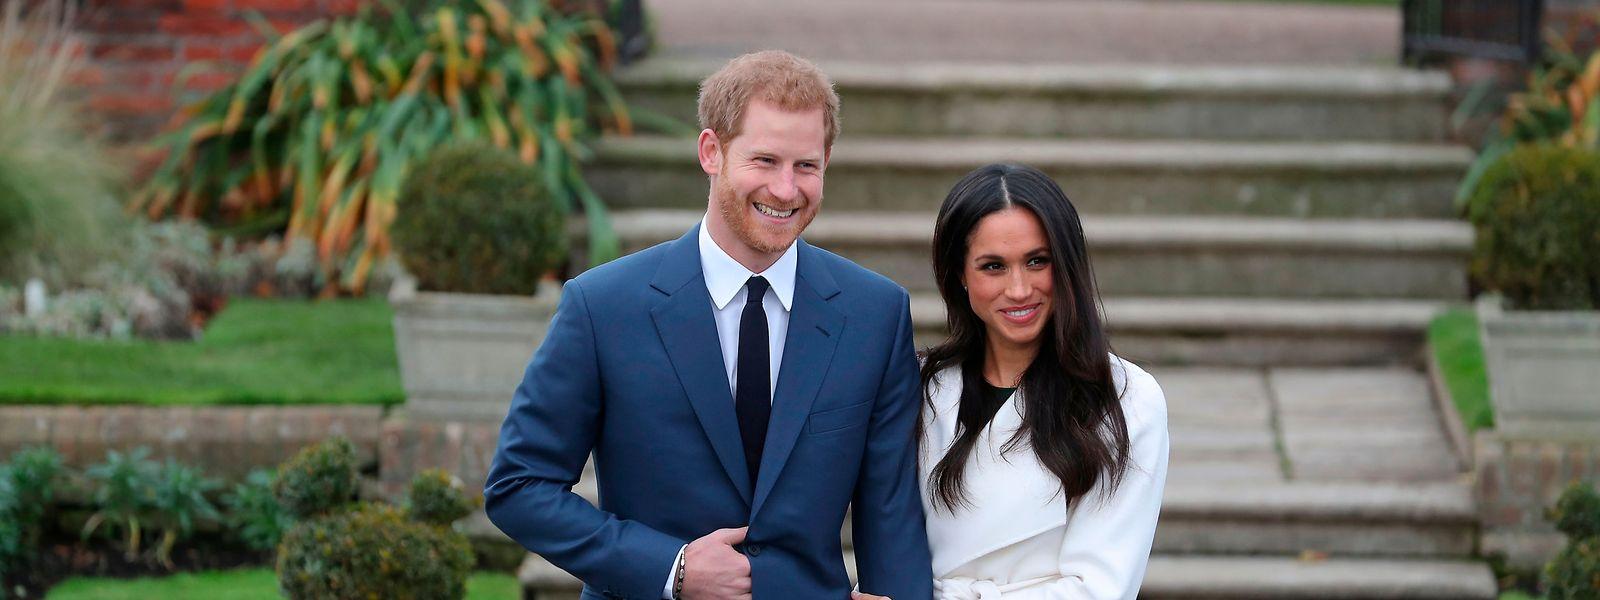 Le prince Harry et son épouse Meghan avaient évoqué ouvertement leur difficulté à vivre la pression médiatique.